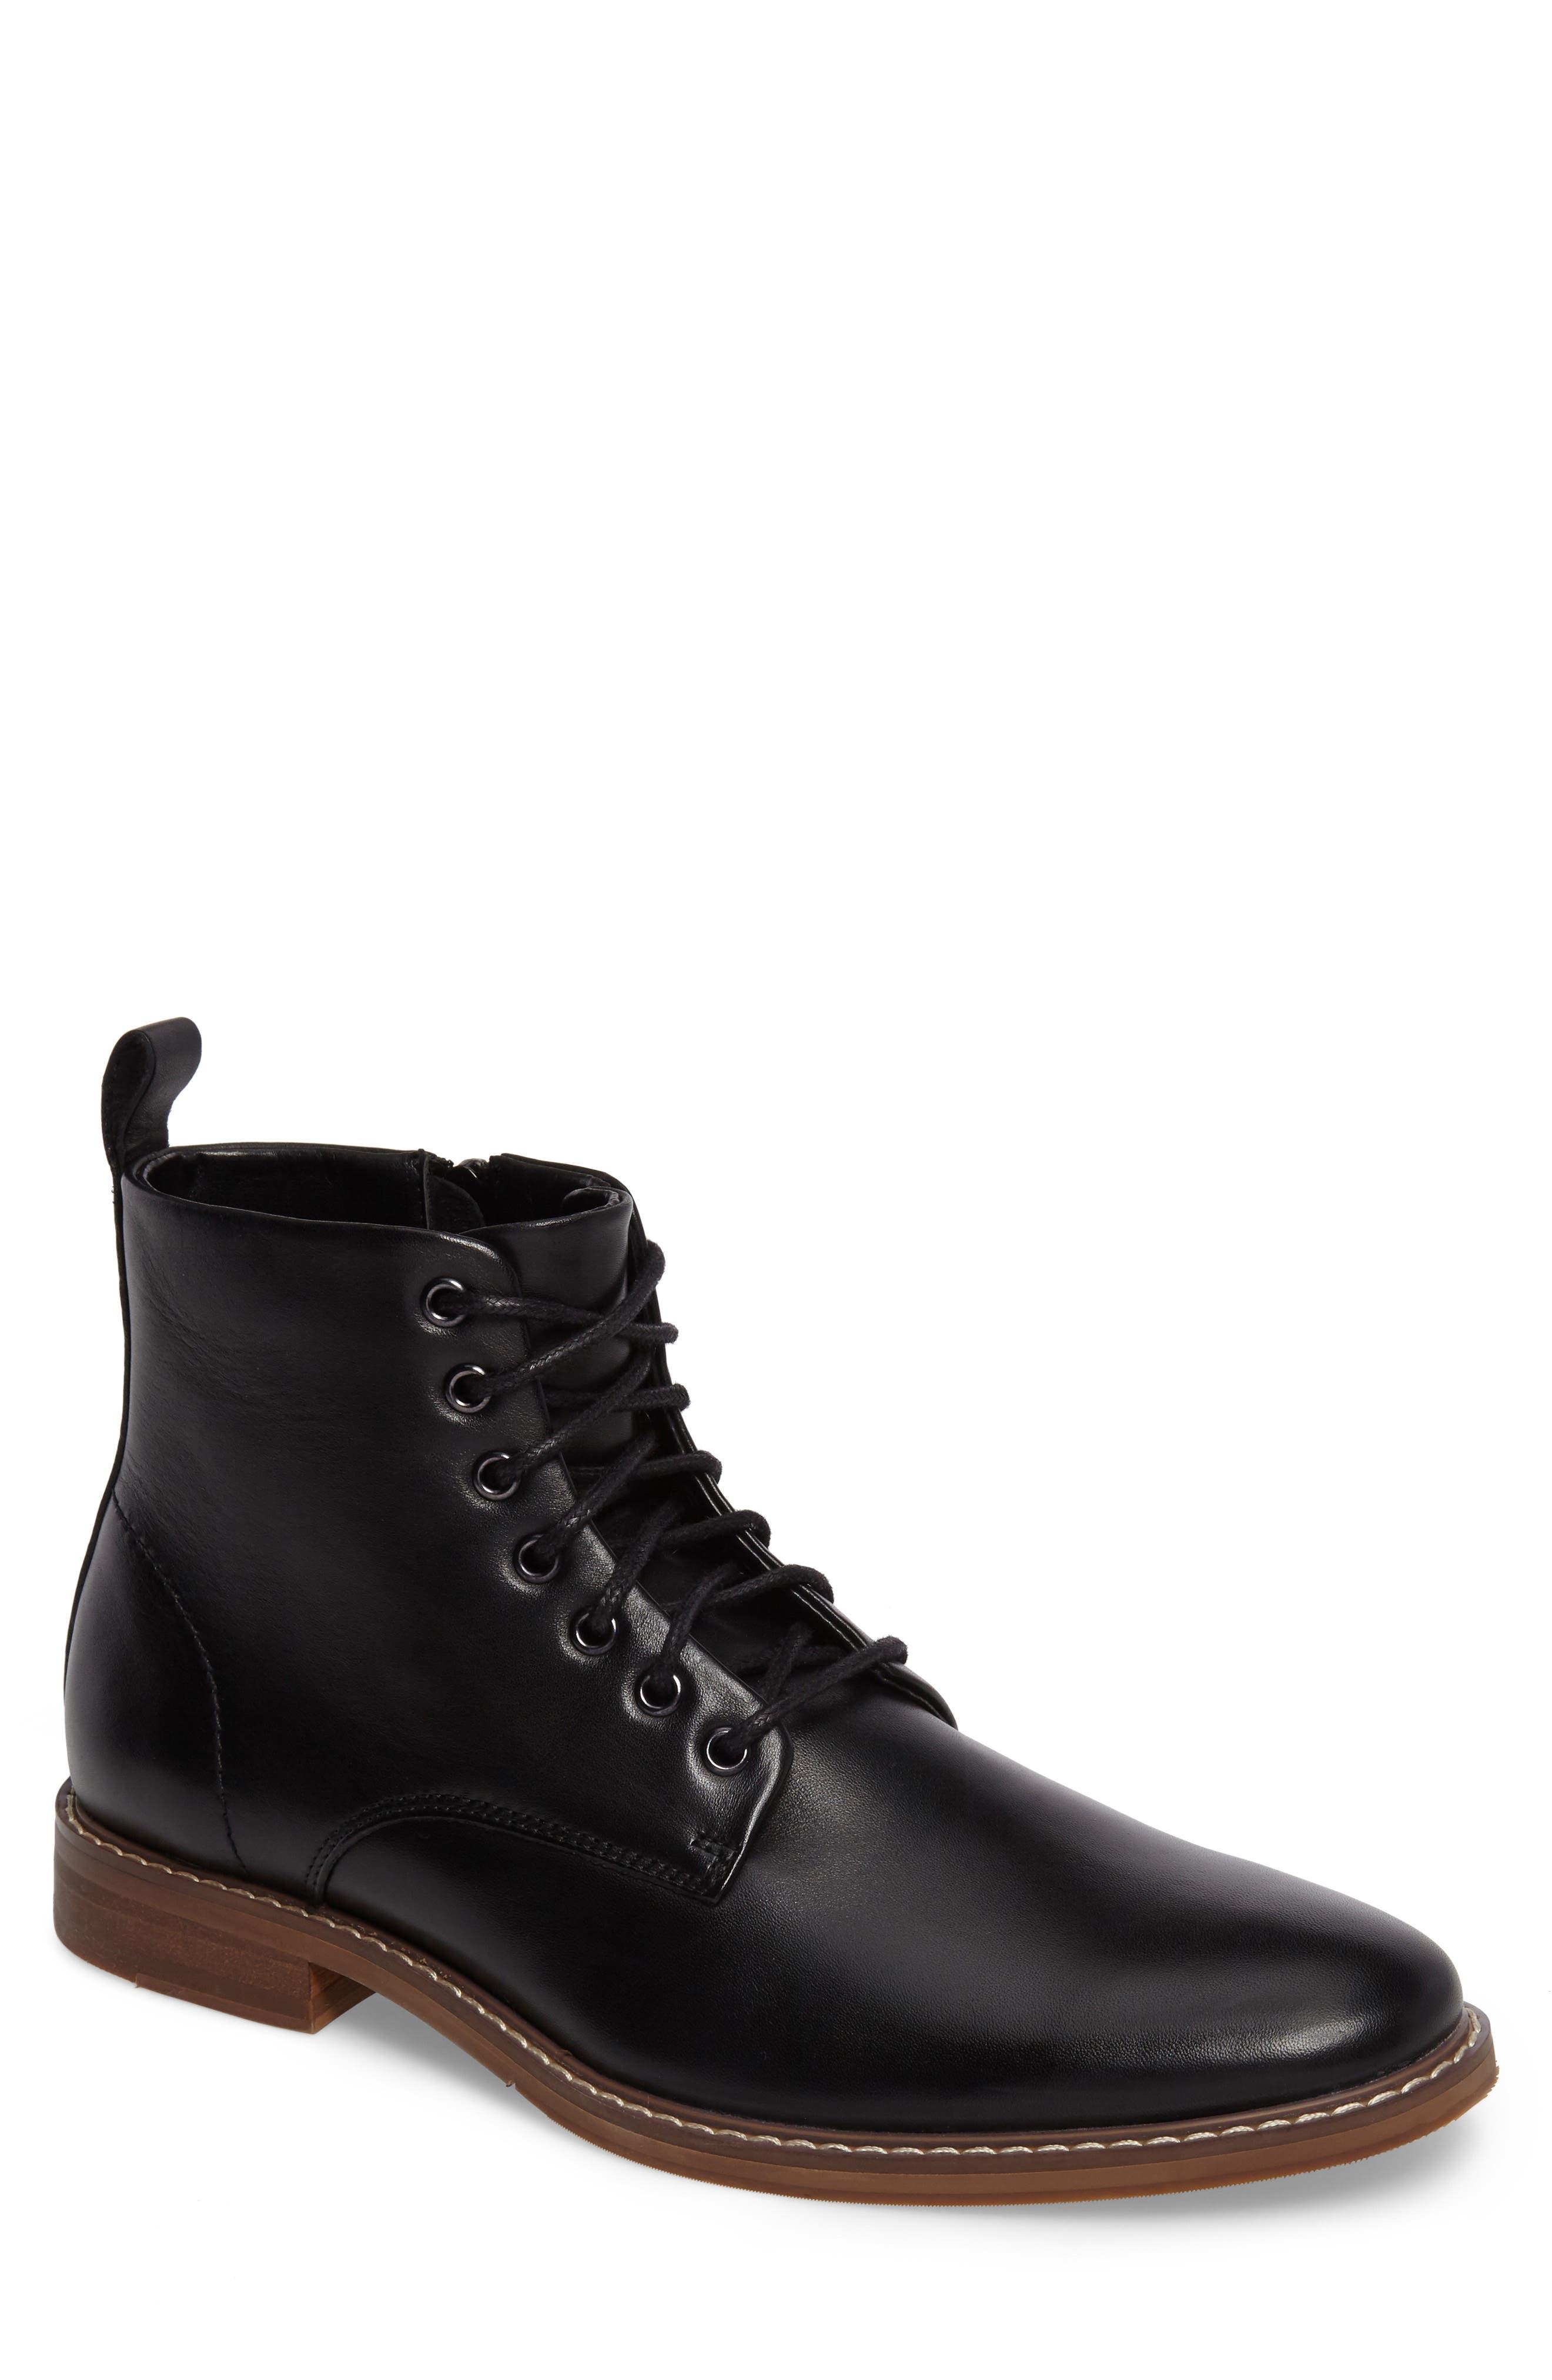 Albany Plain Toe Boot,                             Main thumbnail 1, color,                             Black Leather